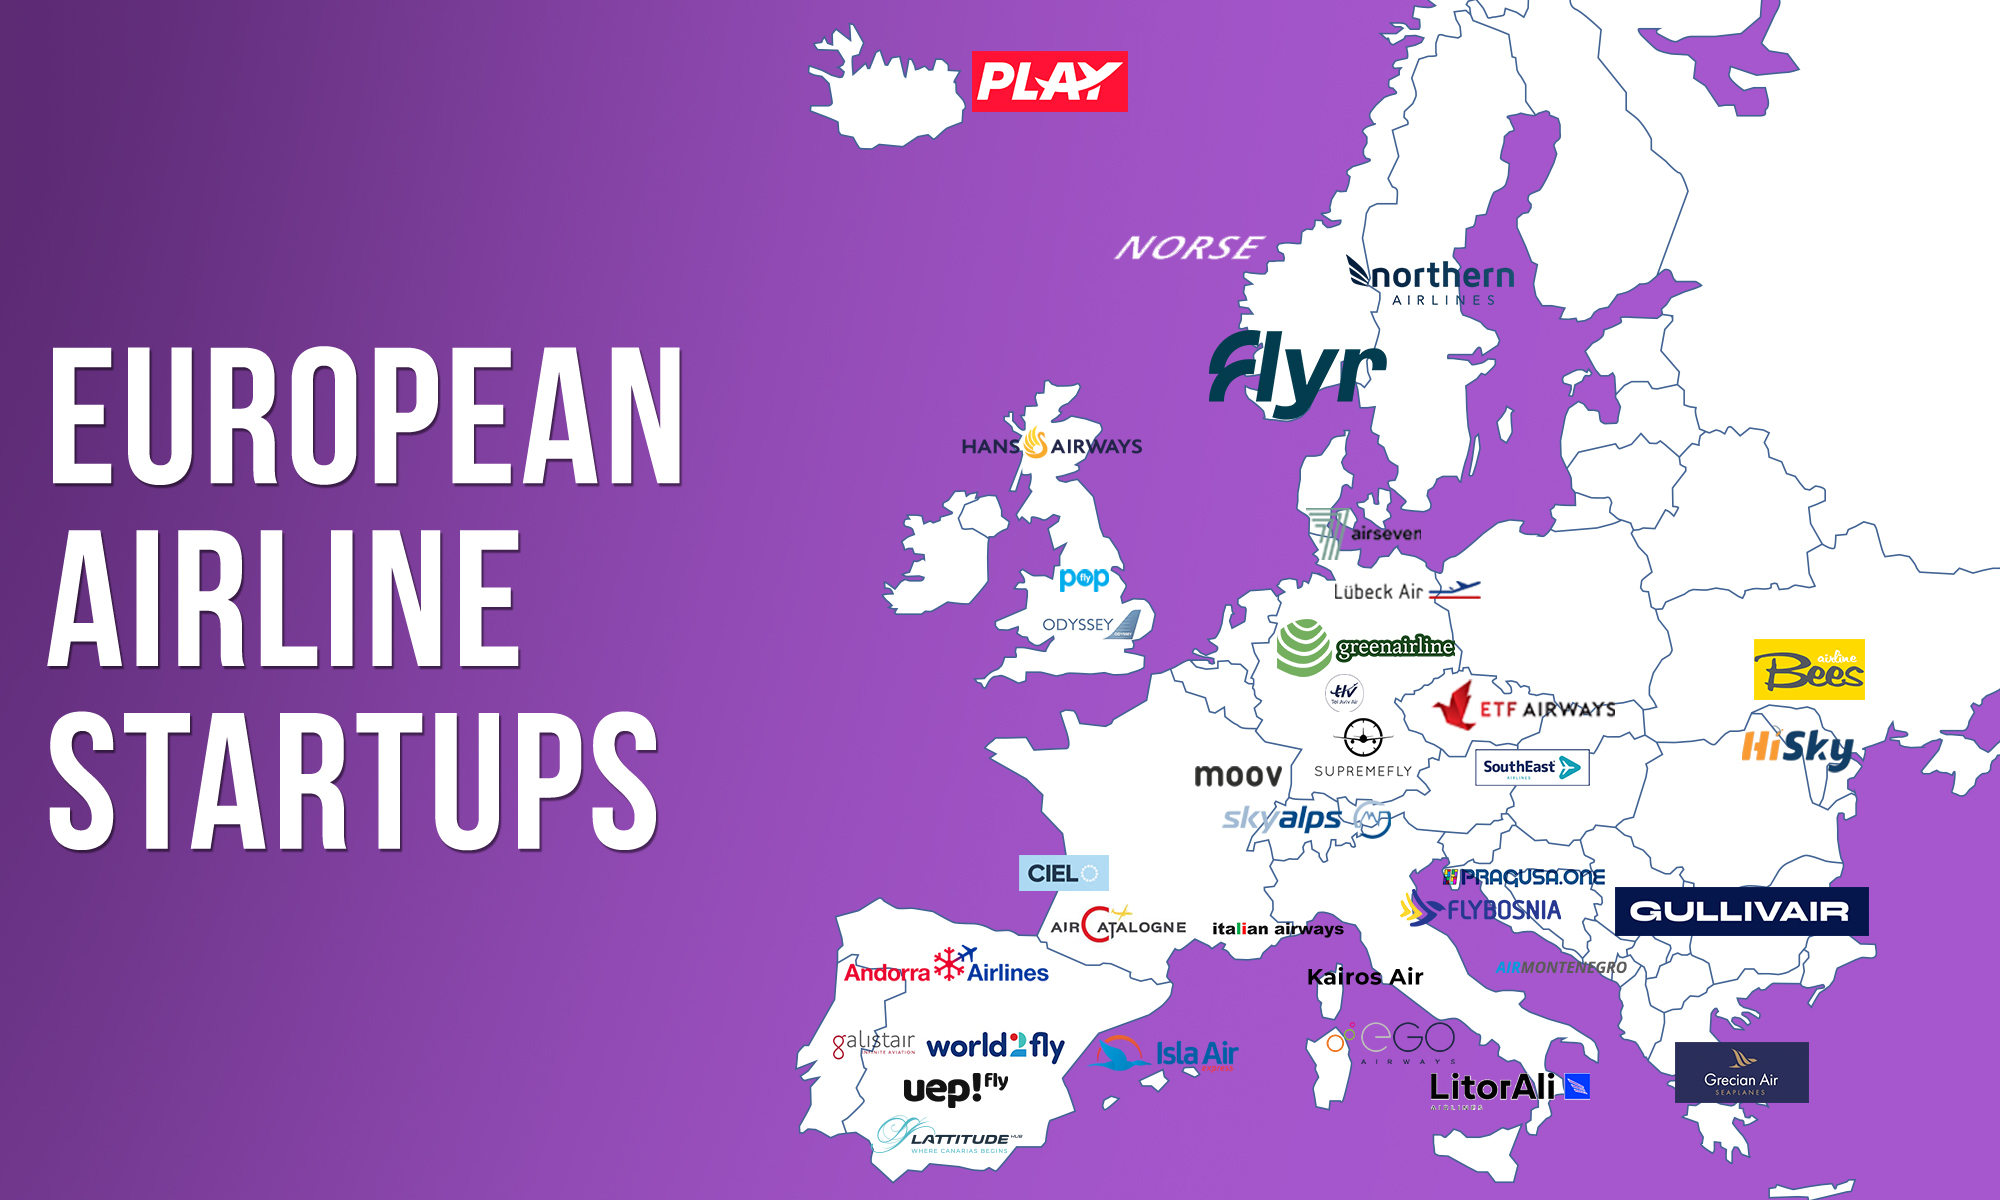 European Airline Startups